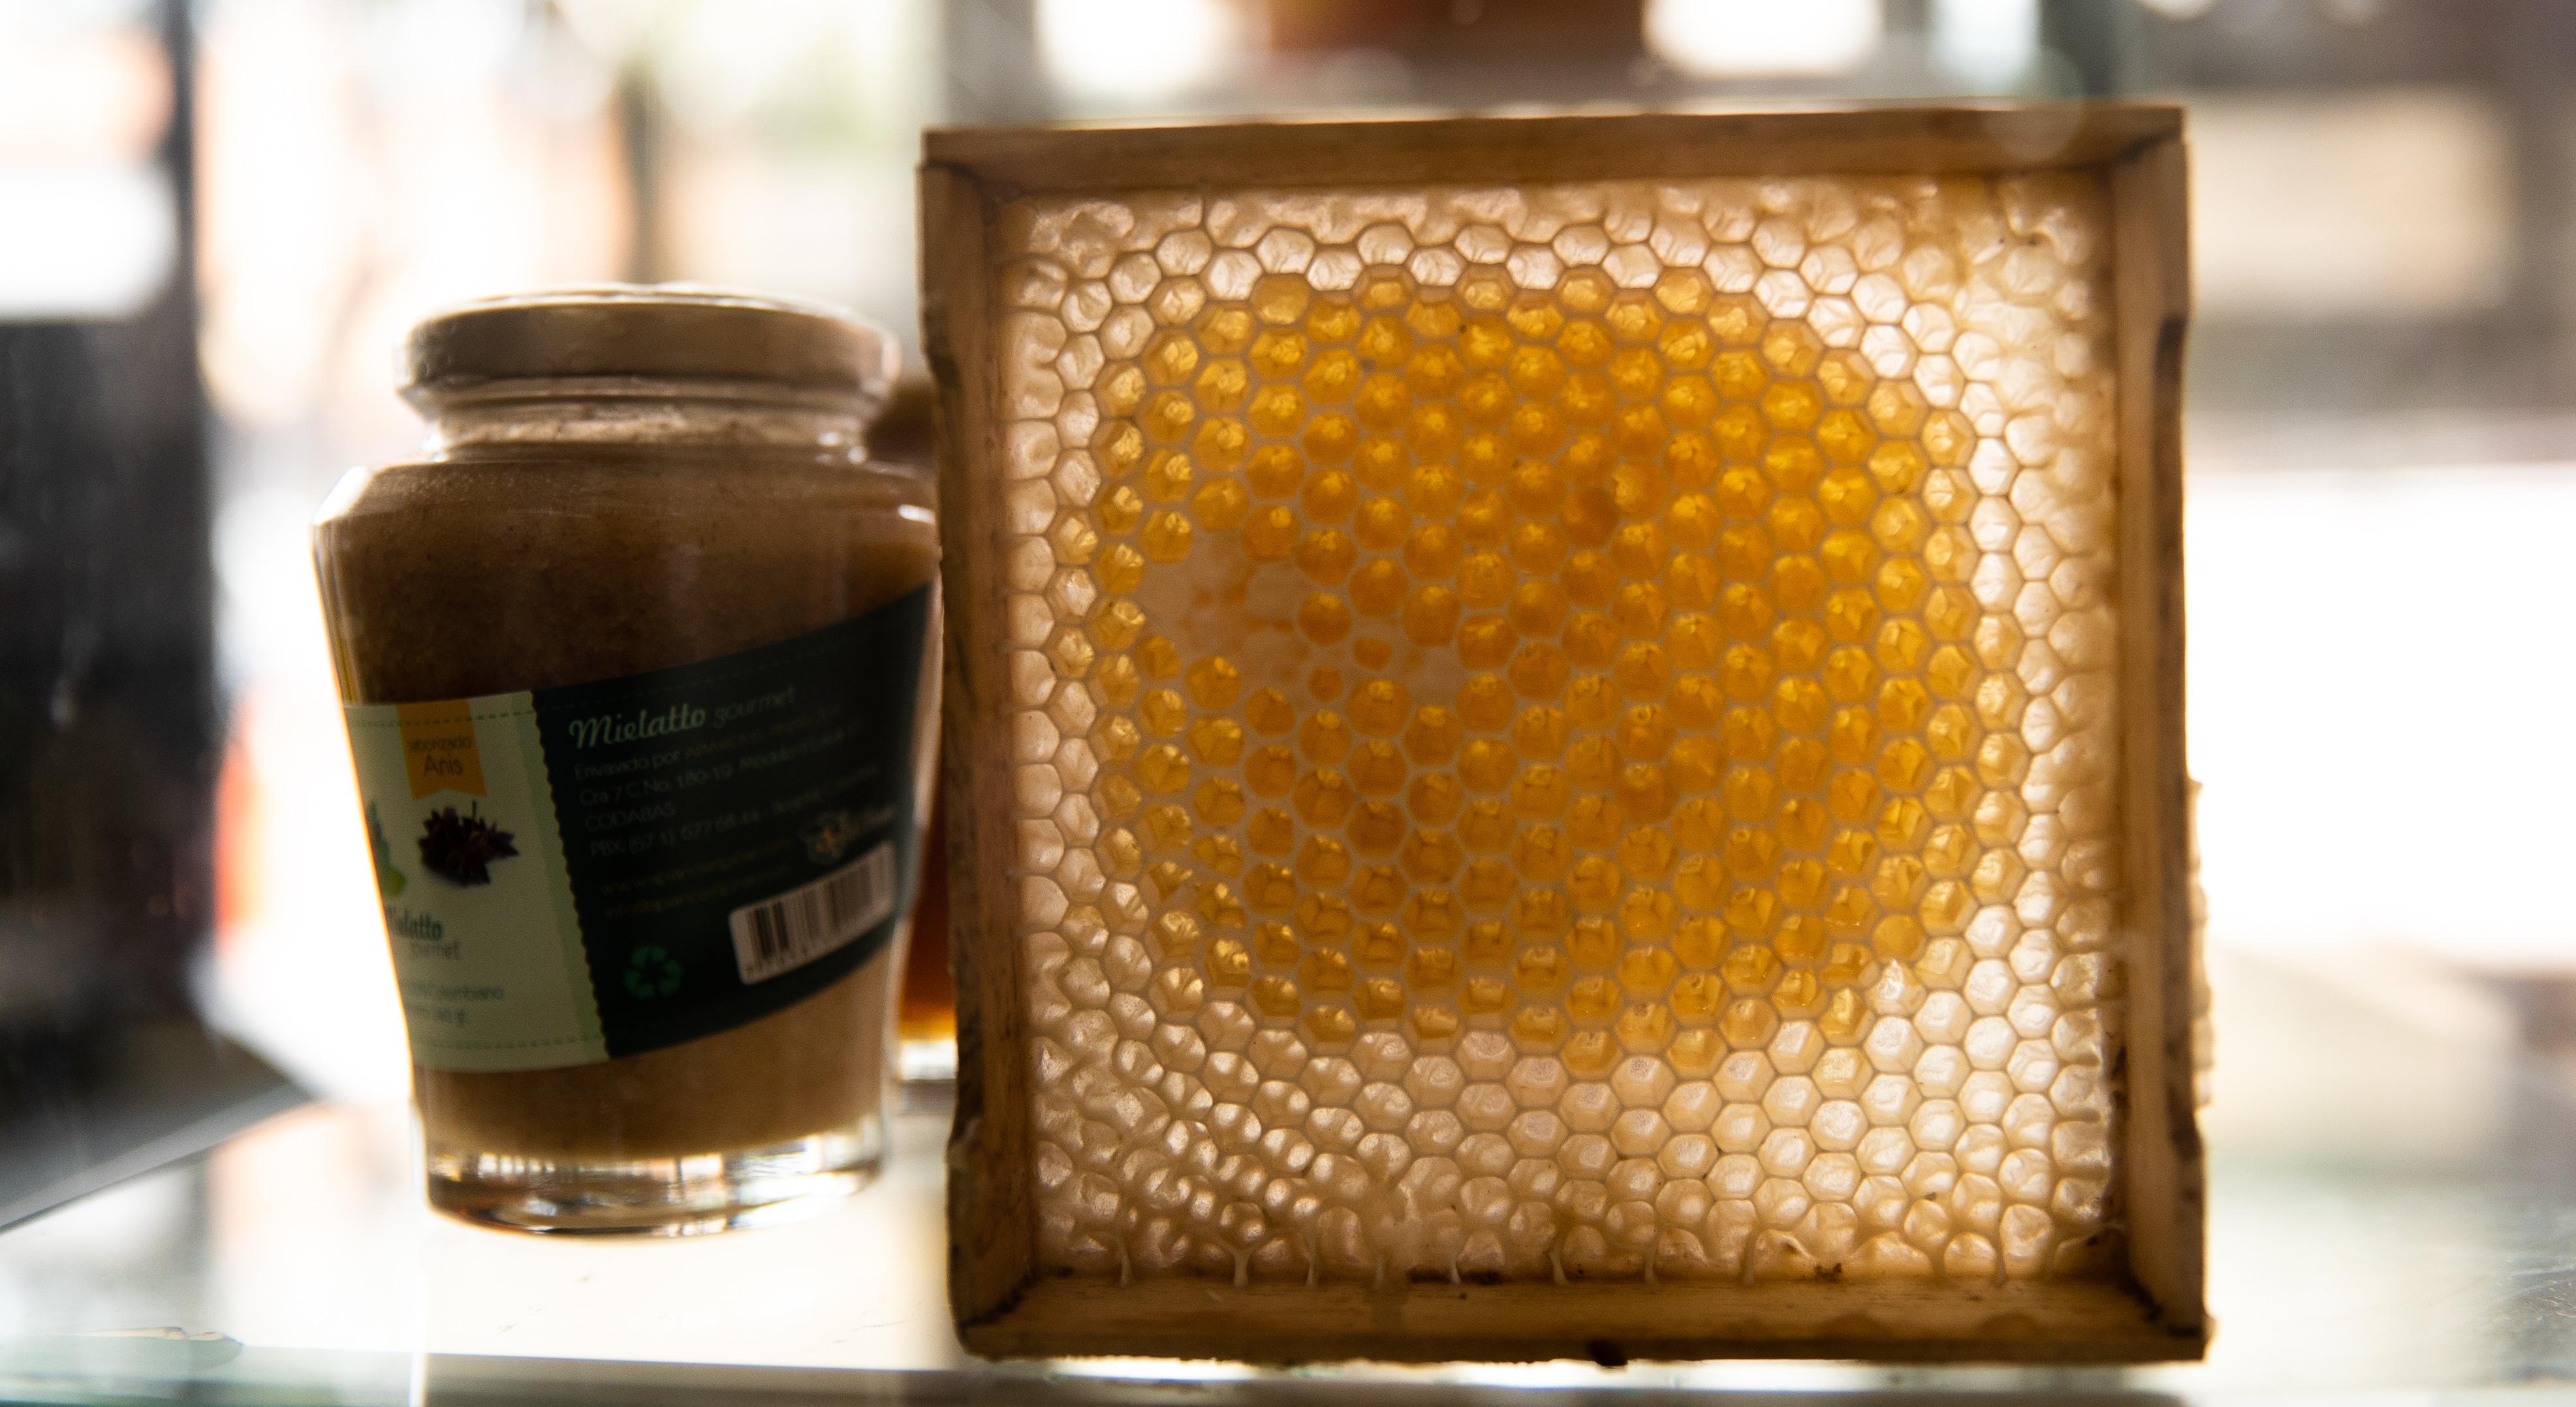 Laboratorio de miel en Santander